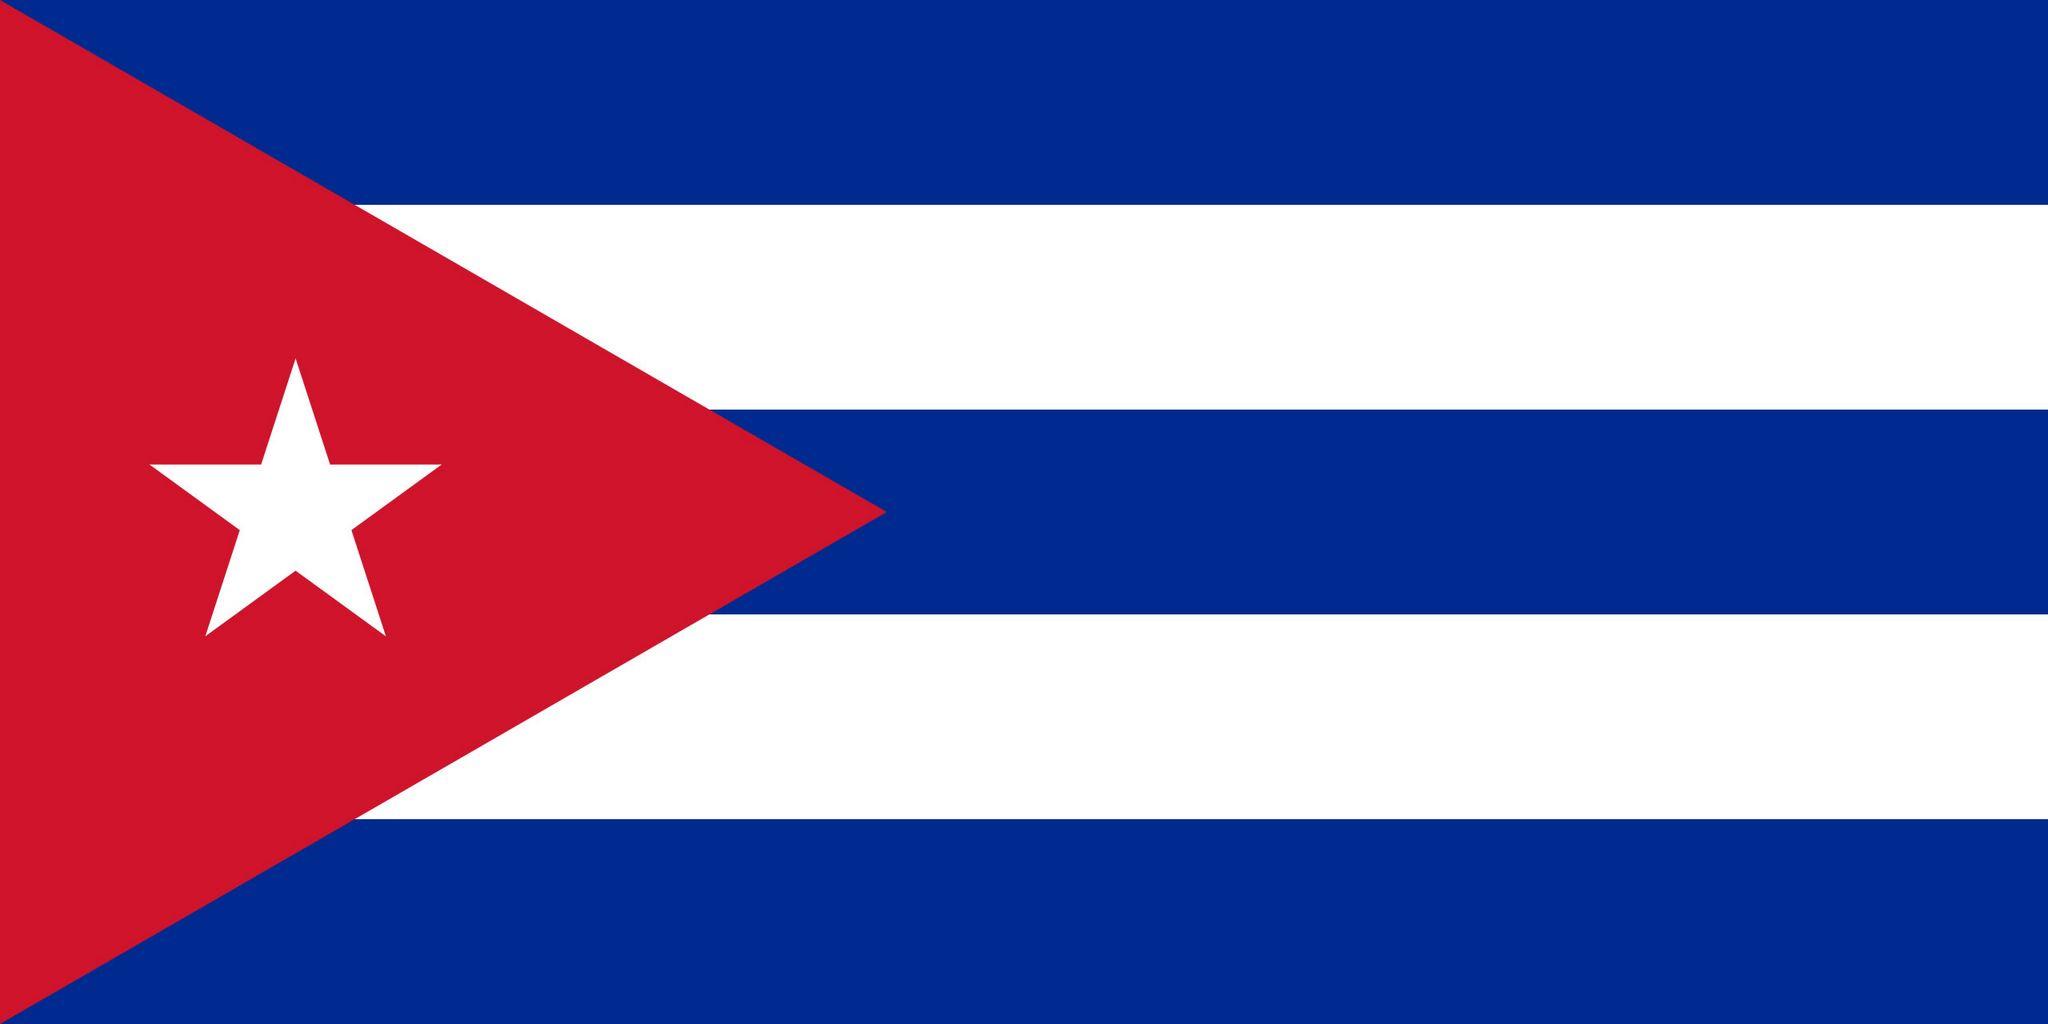 Drapeau De Cuba, Drapeaux Du Pays Cuba pour Drapeaux Du Monde À Imprimer